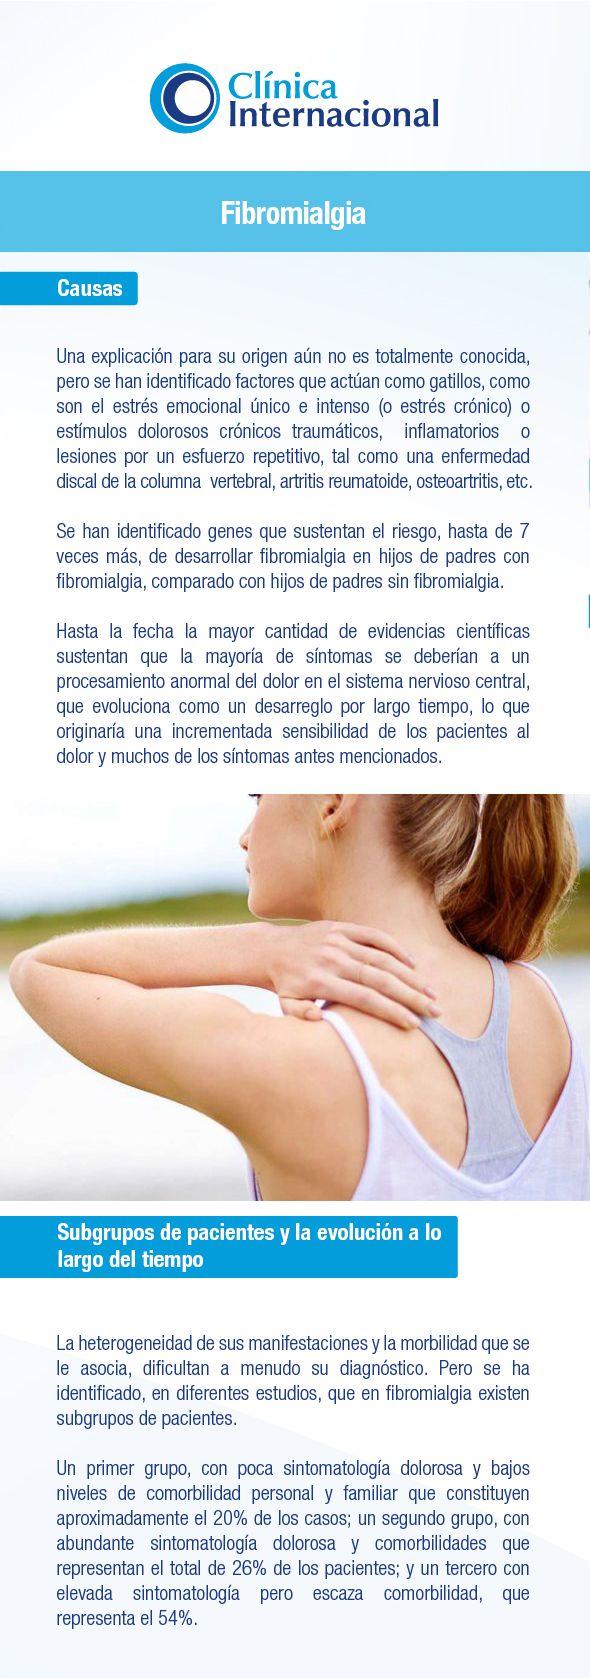 Fibromialgia: Síntomas, causas y tratamiento | Clínica Internacional